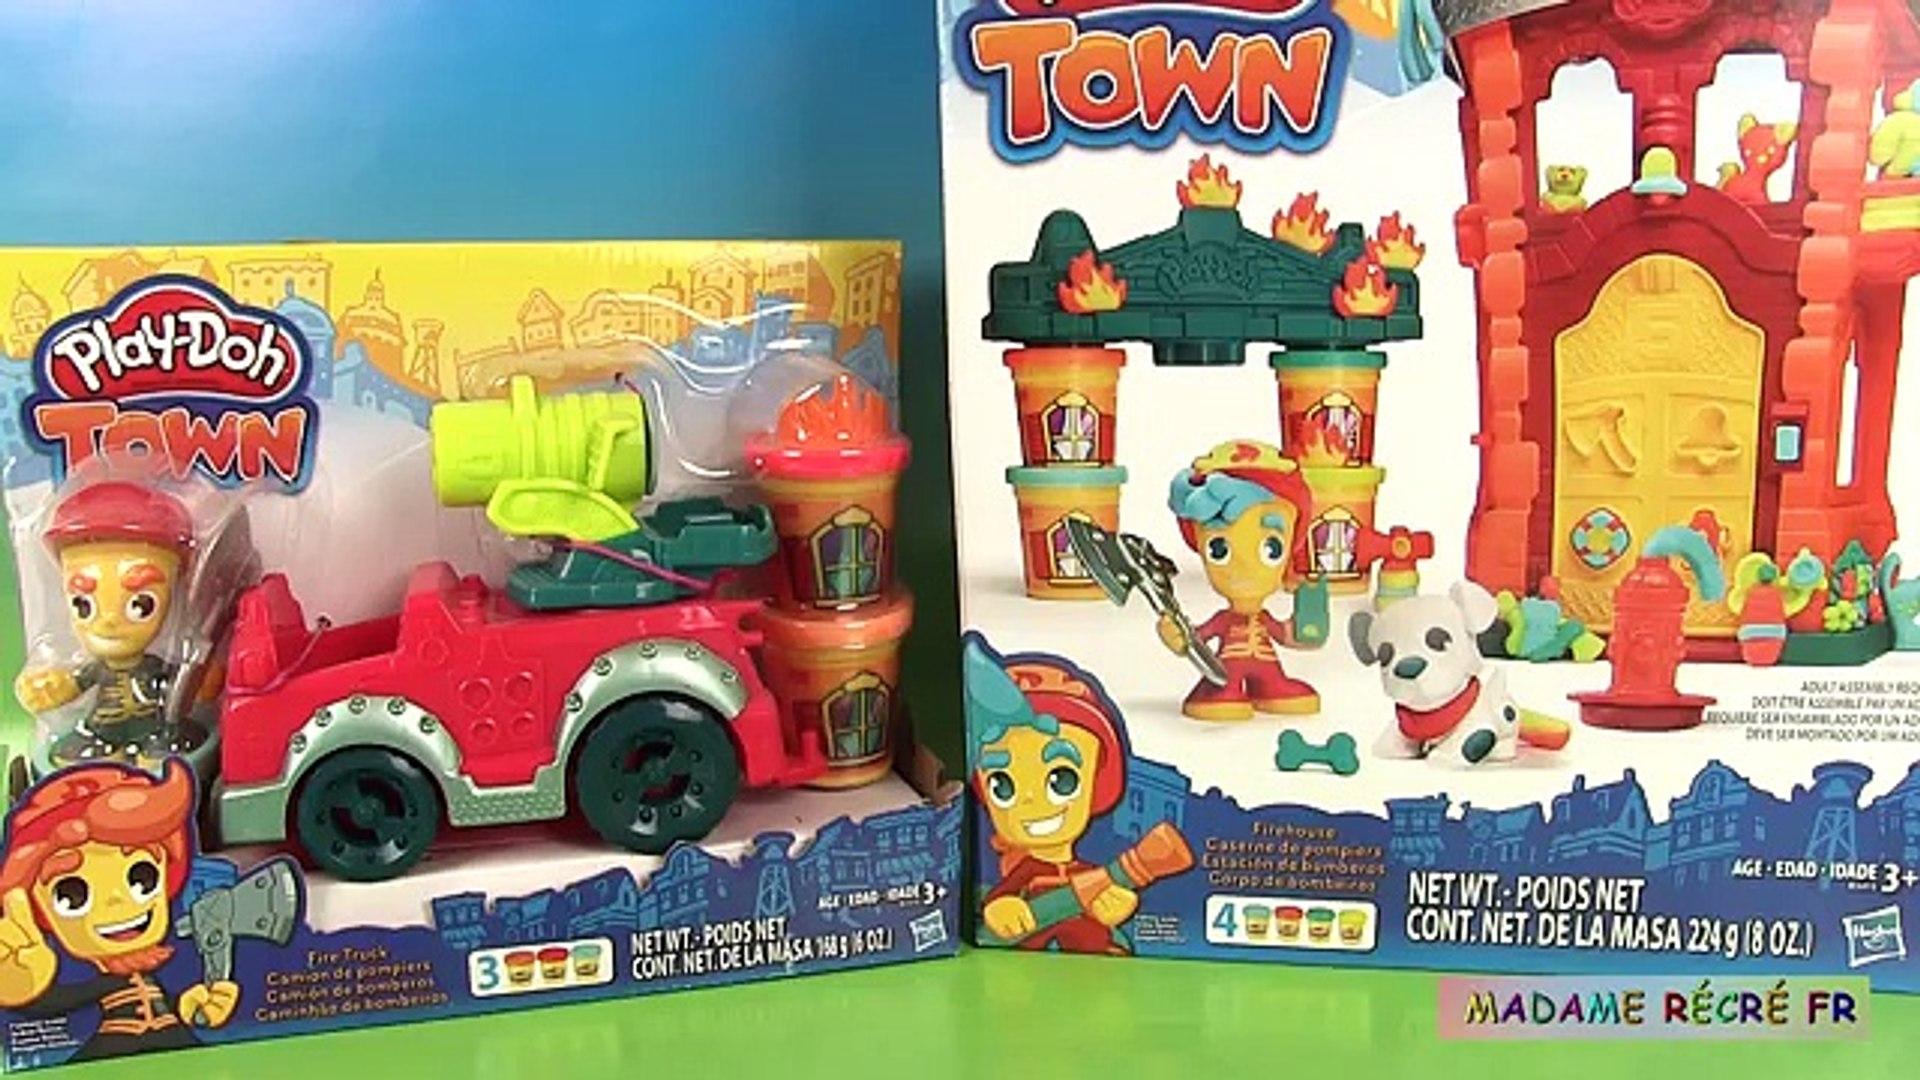 Де де по из также доч Пожар Ла Ля в в тесто играть город грузовая машина Воейтерия автомобиль Глина City Пожарники